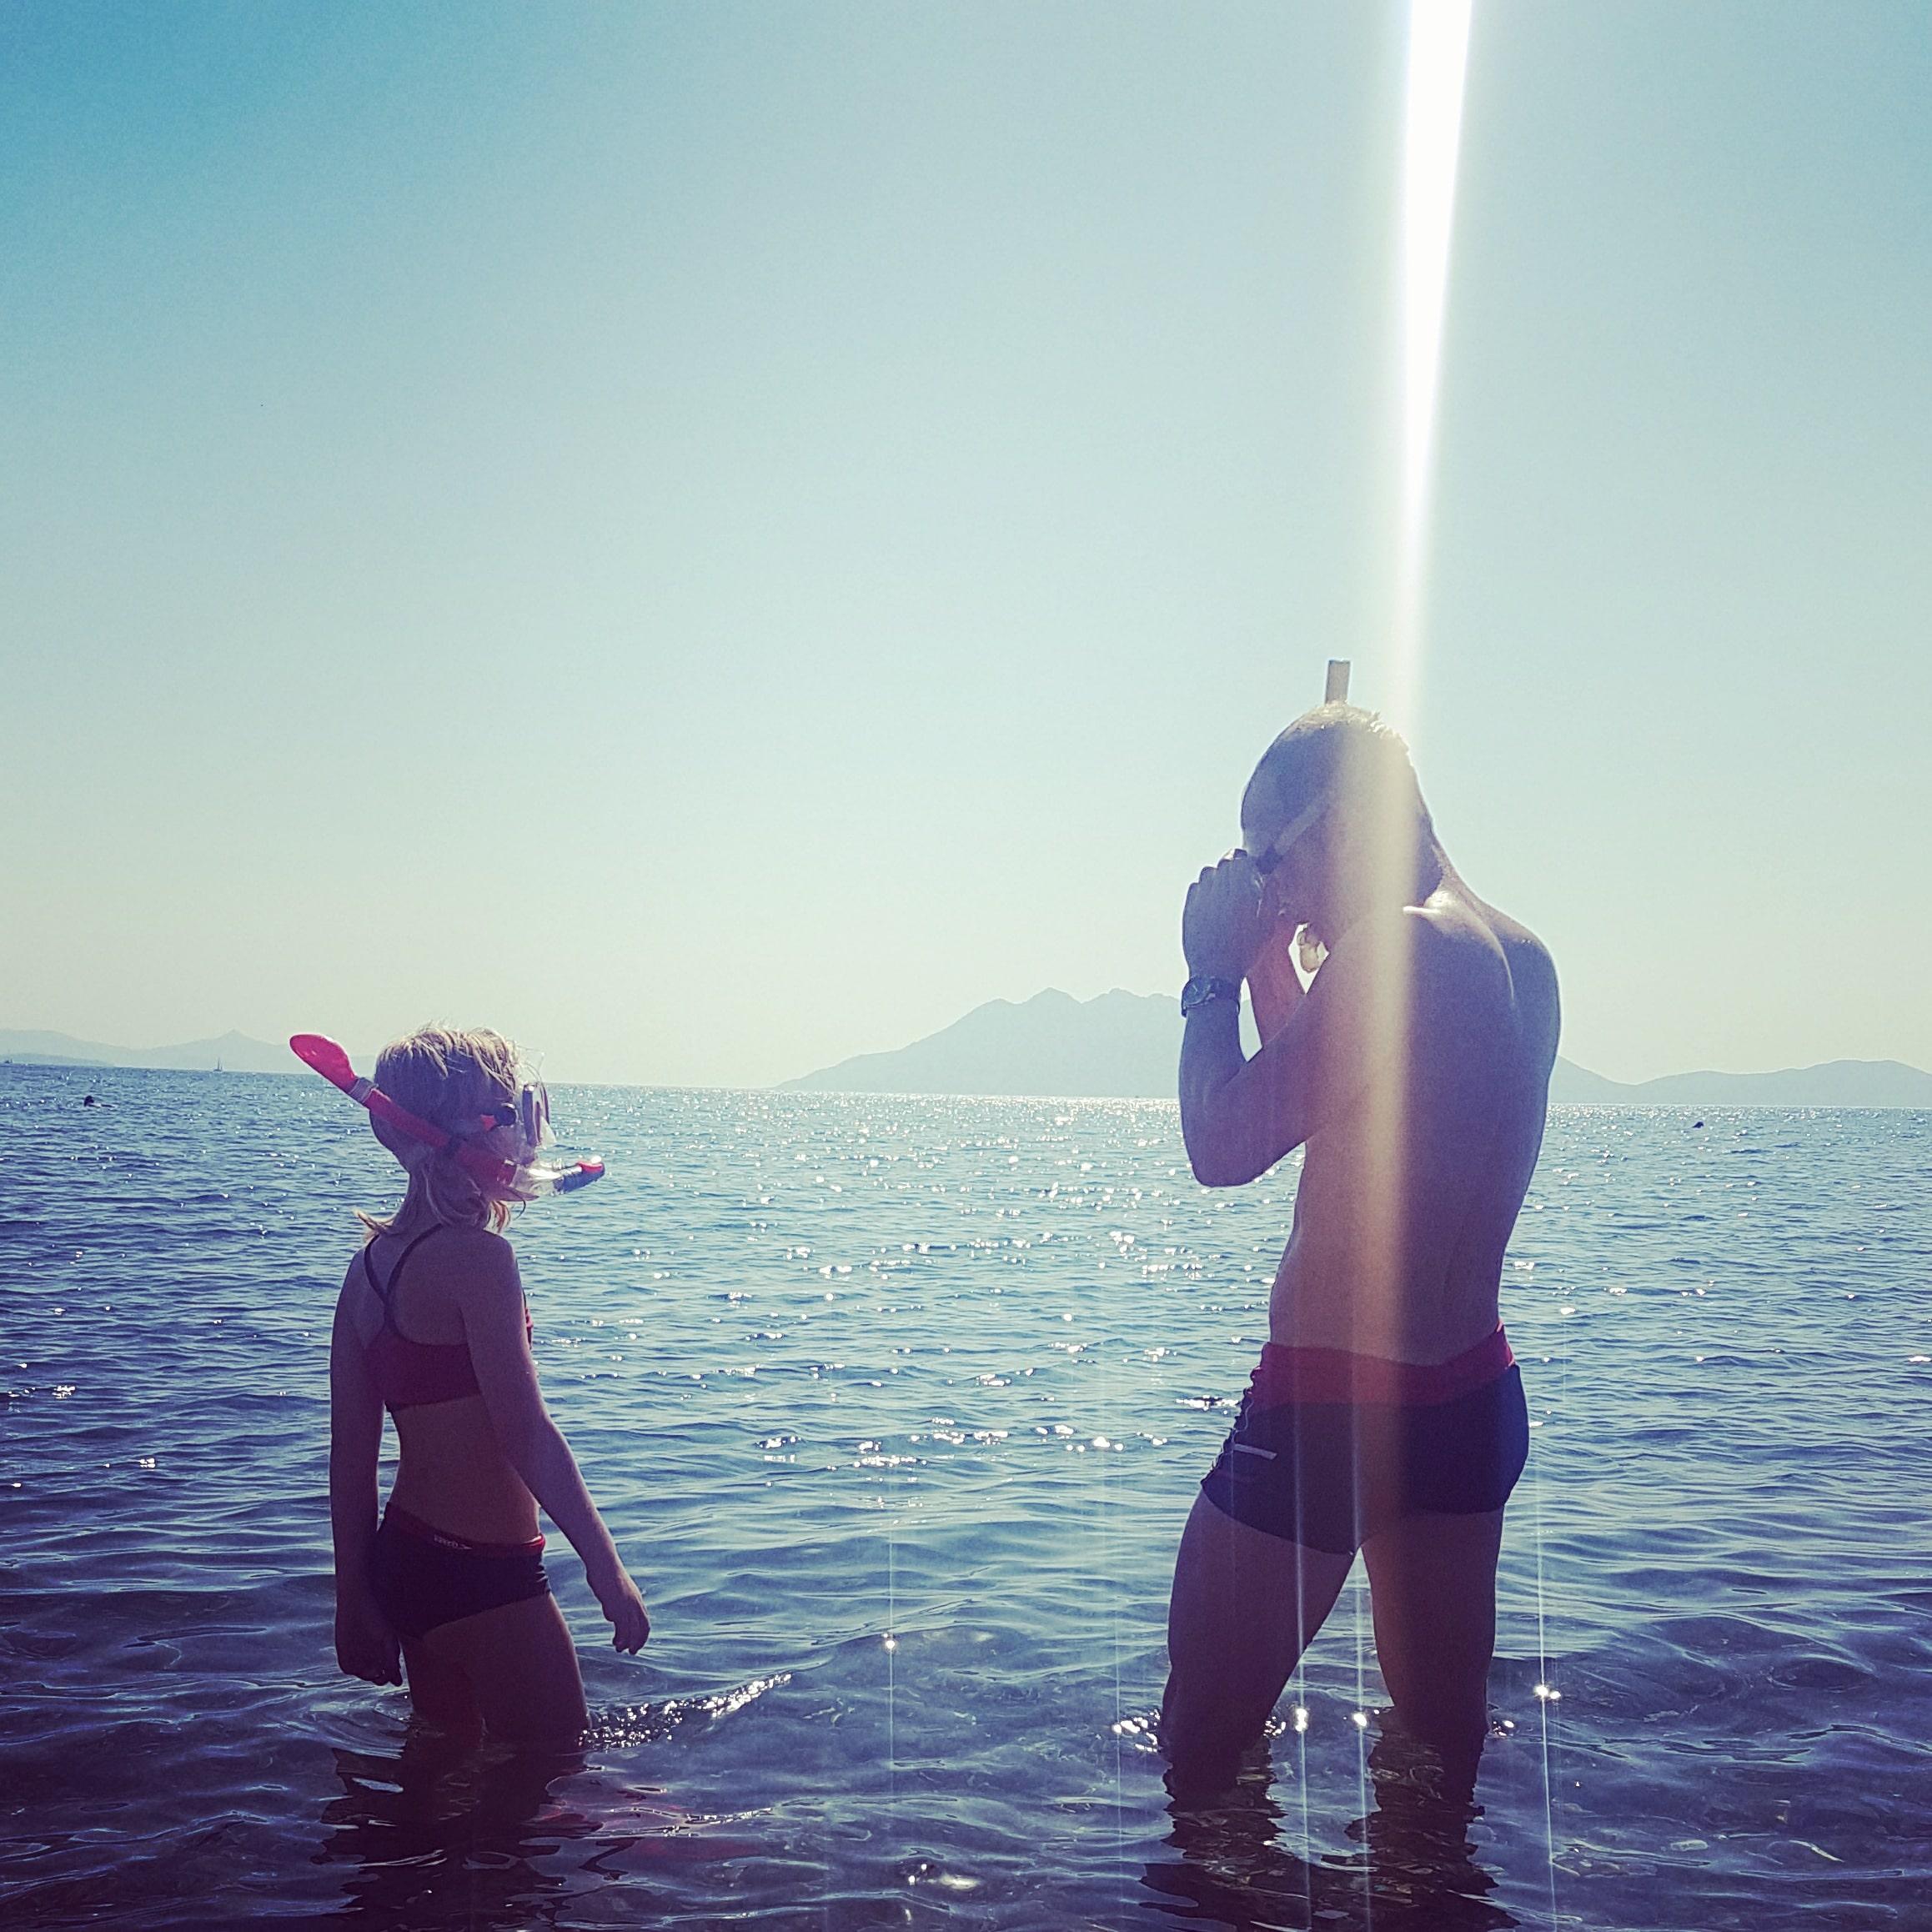 versunkene Stadt, Tauchen, schnorcheln, Peleponnes, Griechenland, Camping, Wohnmobil, Reisen mit Kindern, Urlaub, Sommerferien, Strand